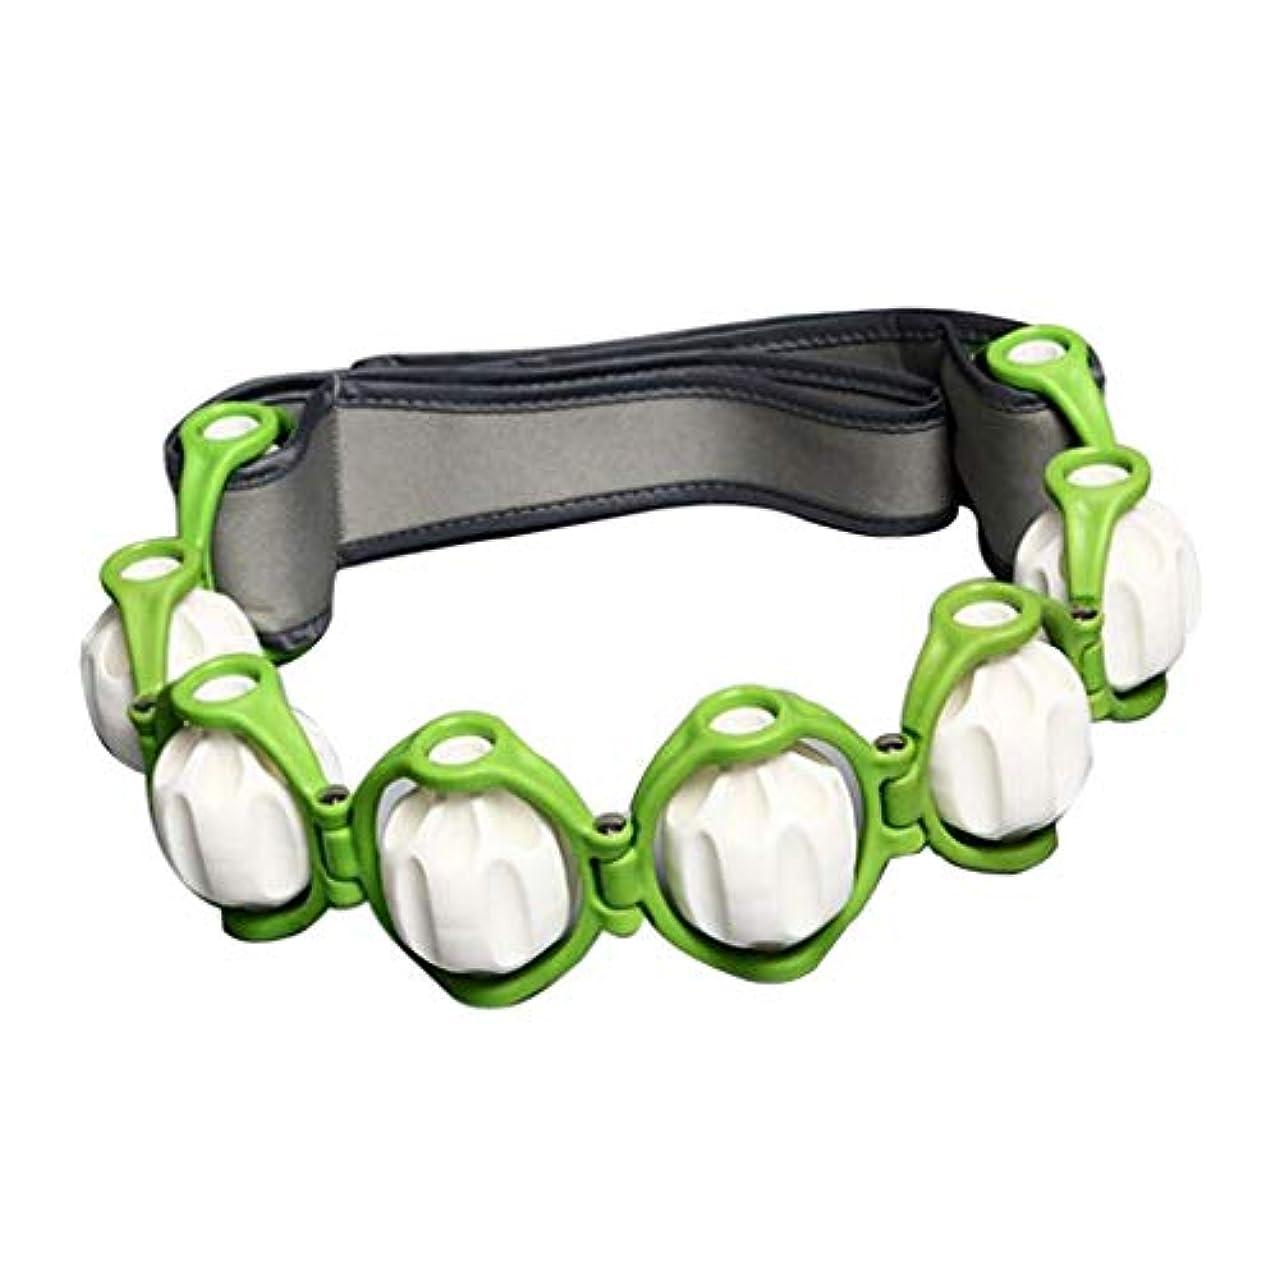 ホットキャッシュ発明するFLAMEER ボディマッサージローラー ロープ付き 六つボール 4色選べ - 緑, 説明したように